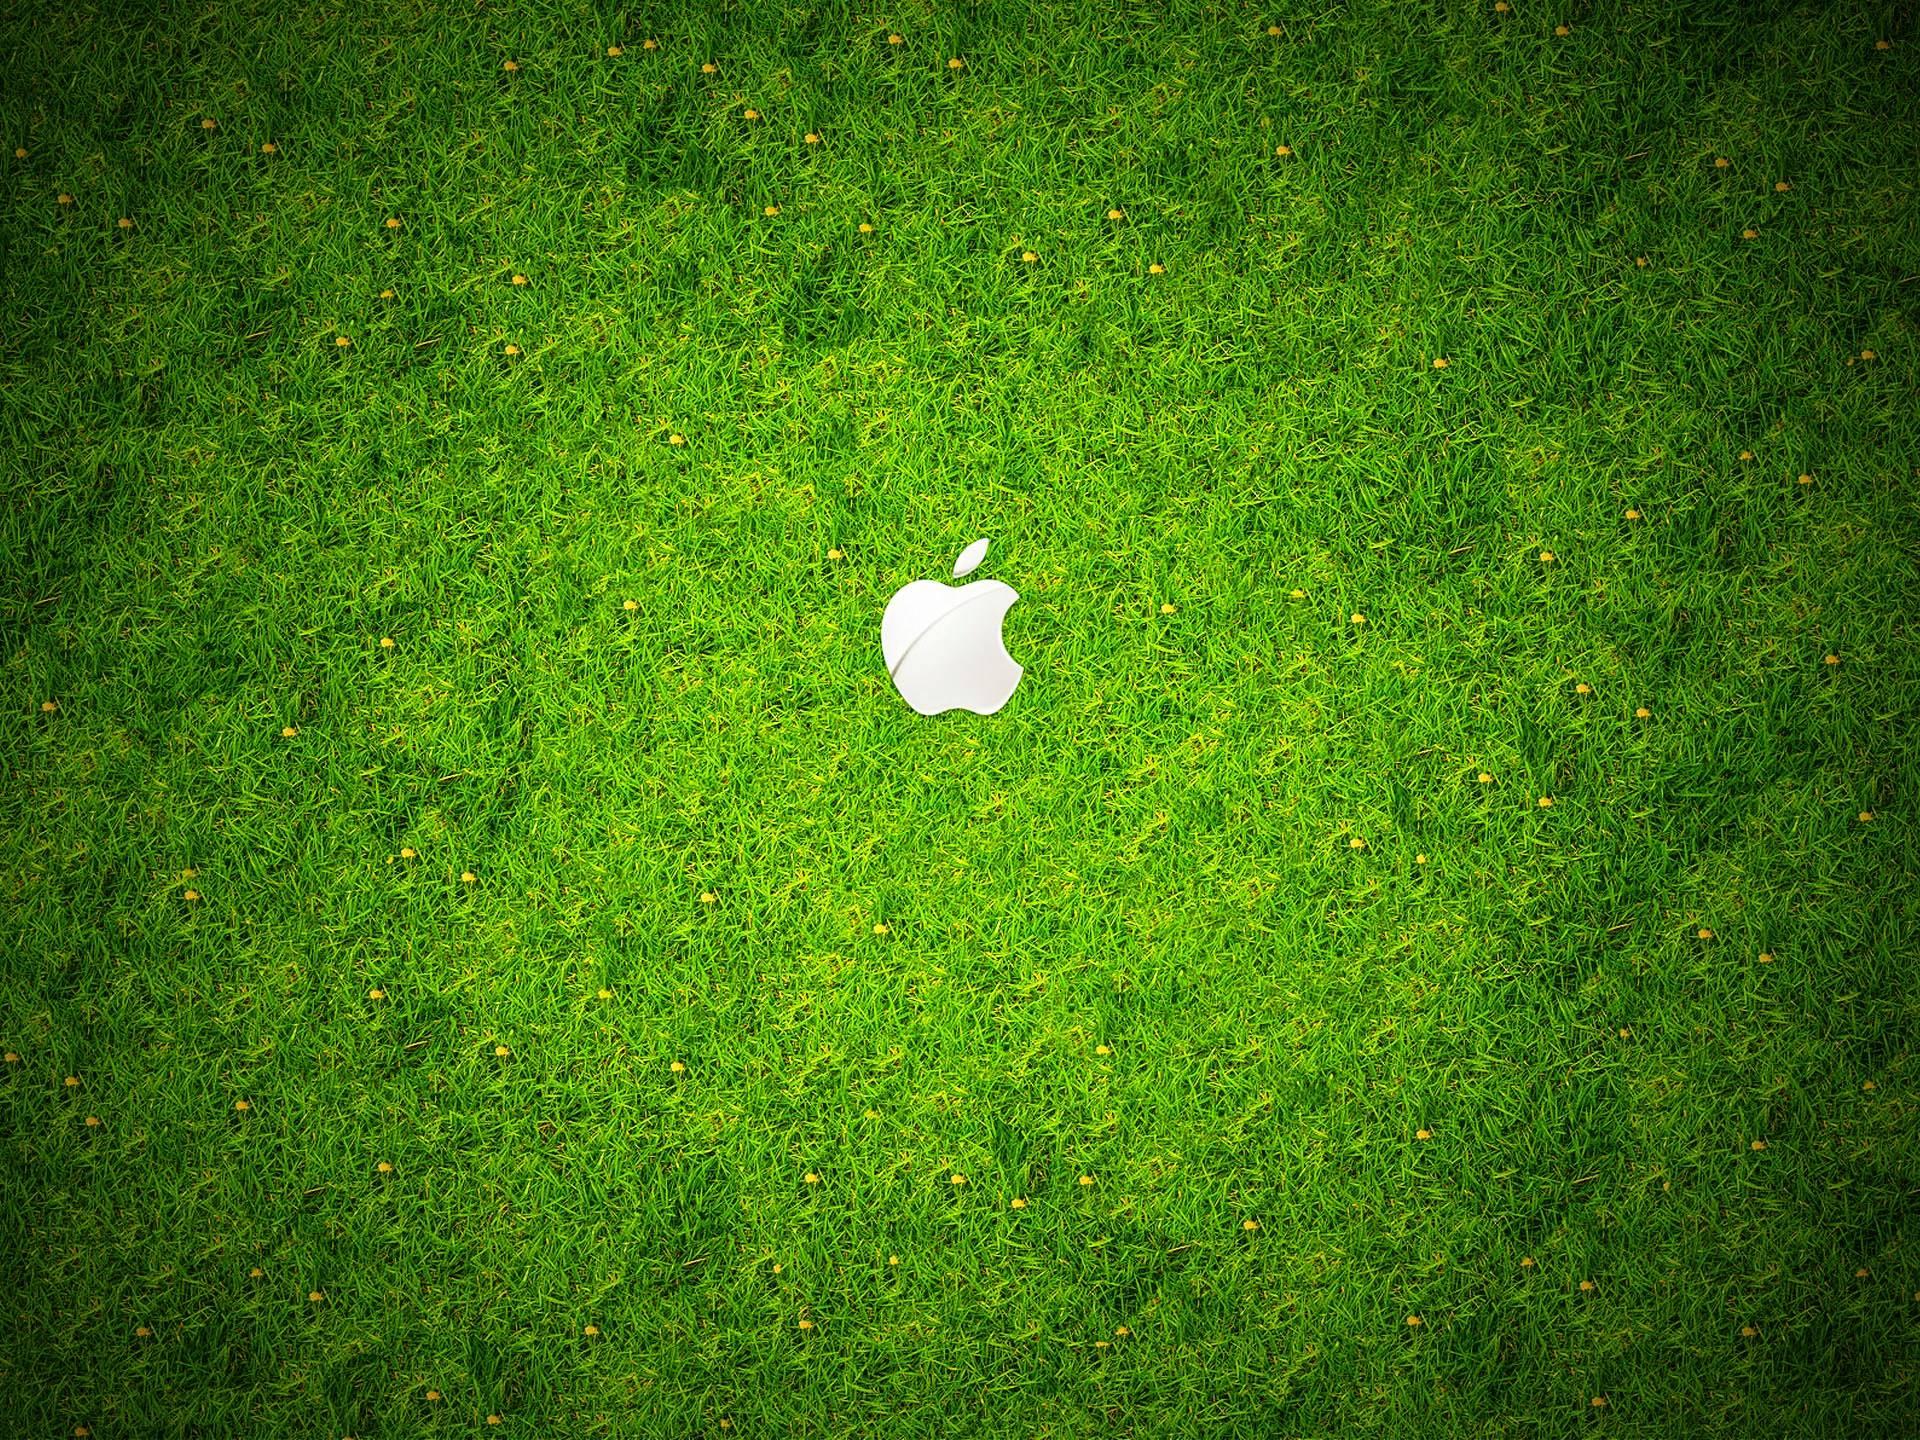 green grass wallpapers top free green grass backgrounds wallpaperaccess green grass wallpapers top free green